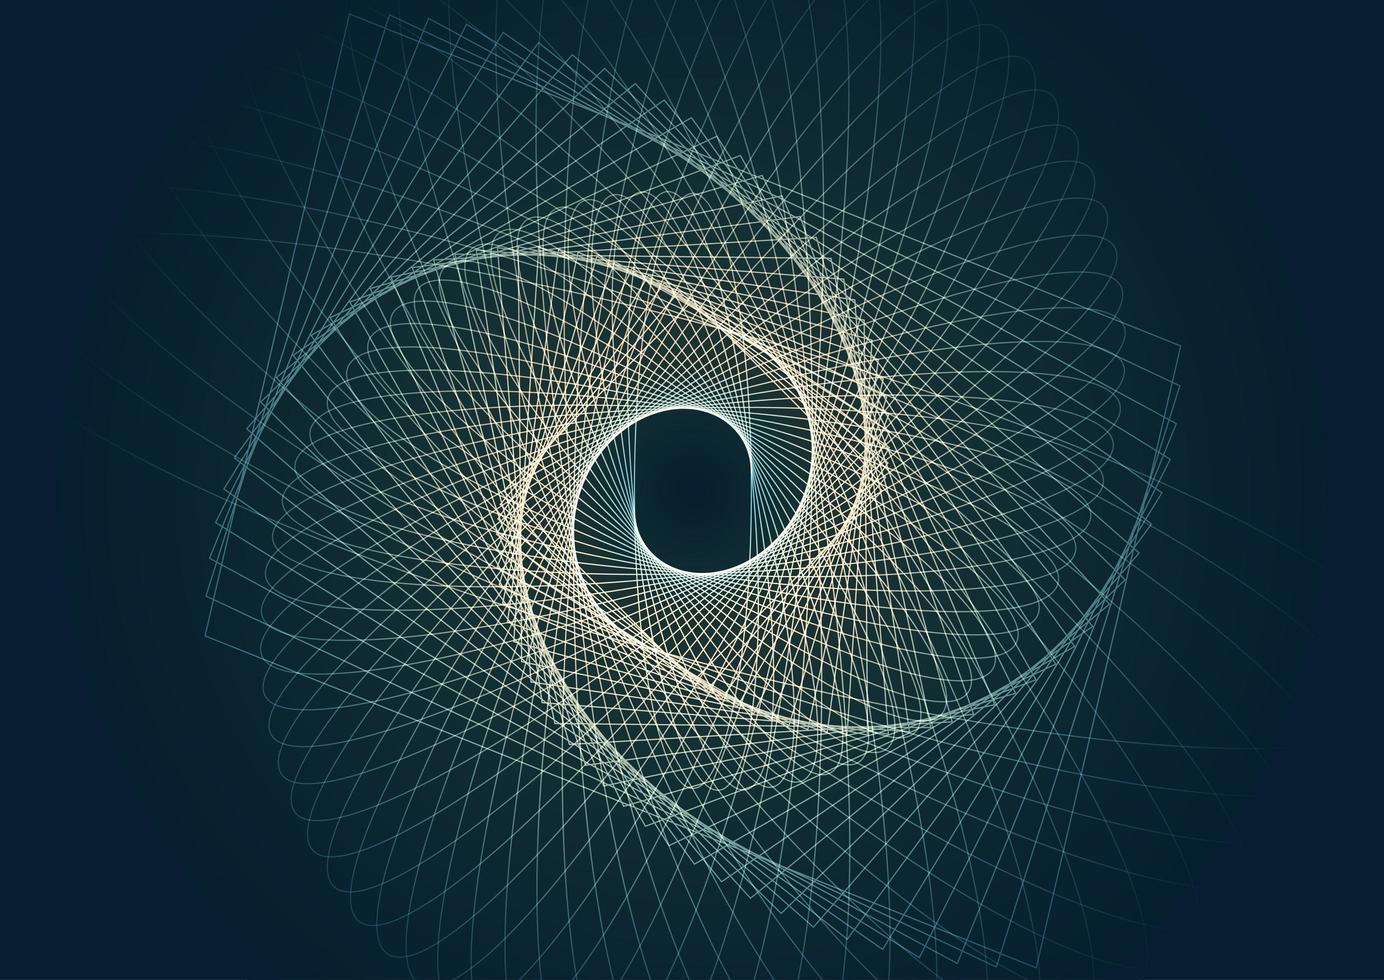 abstrakter dunkelblauer Designhintergrund vektor